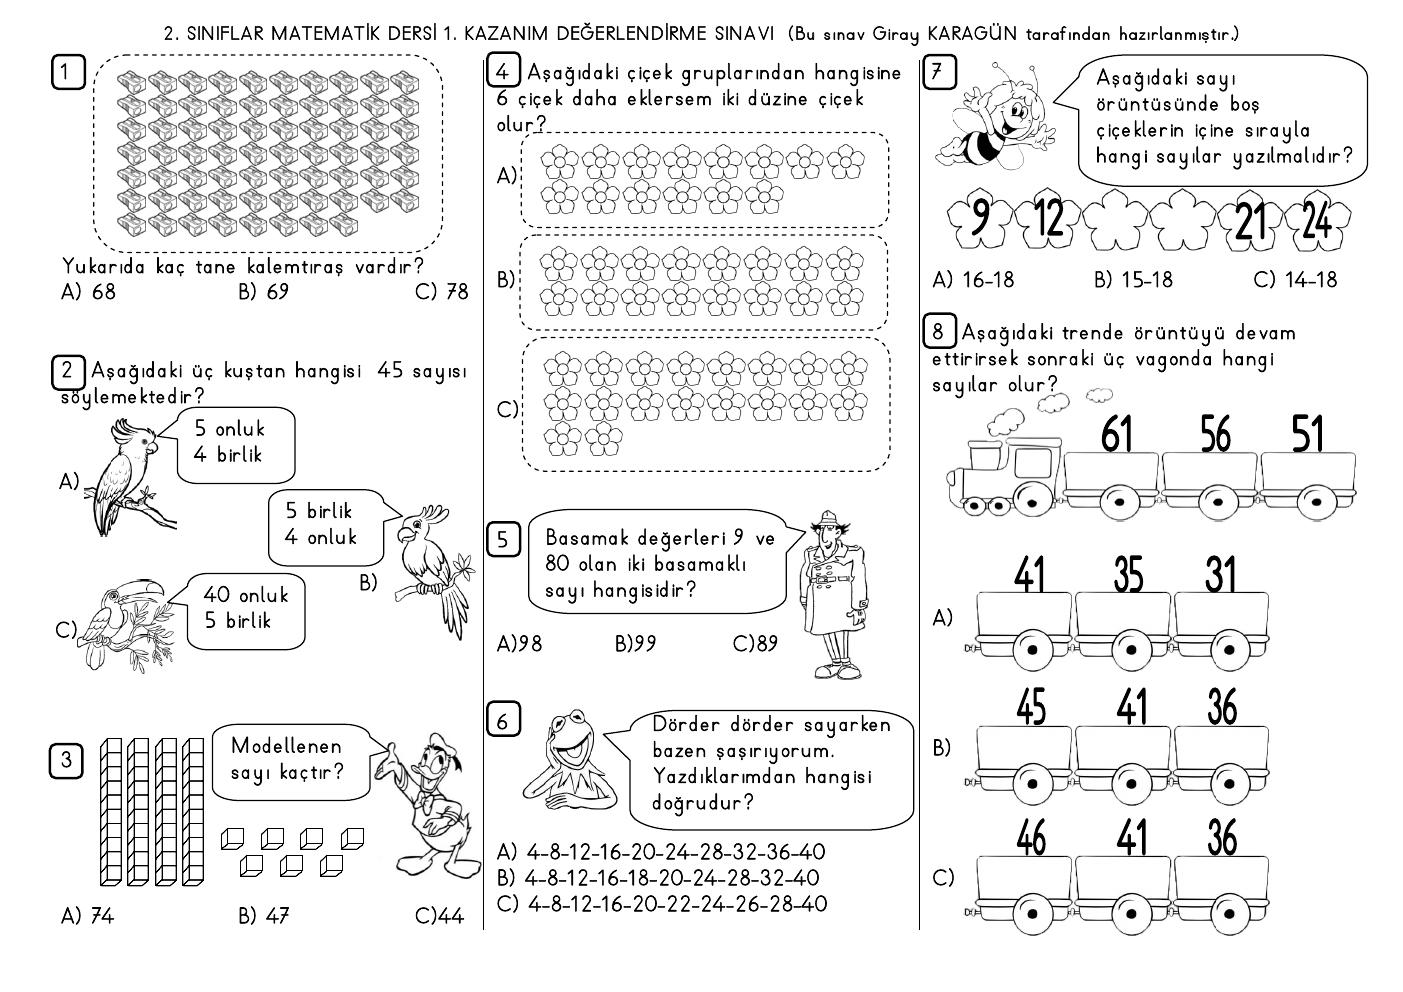 2. Sınıf Matematik Dersi 1. Kazanım Değerlendirme Sınavı